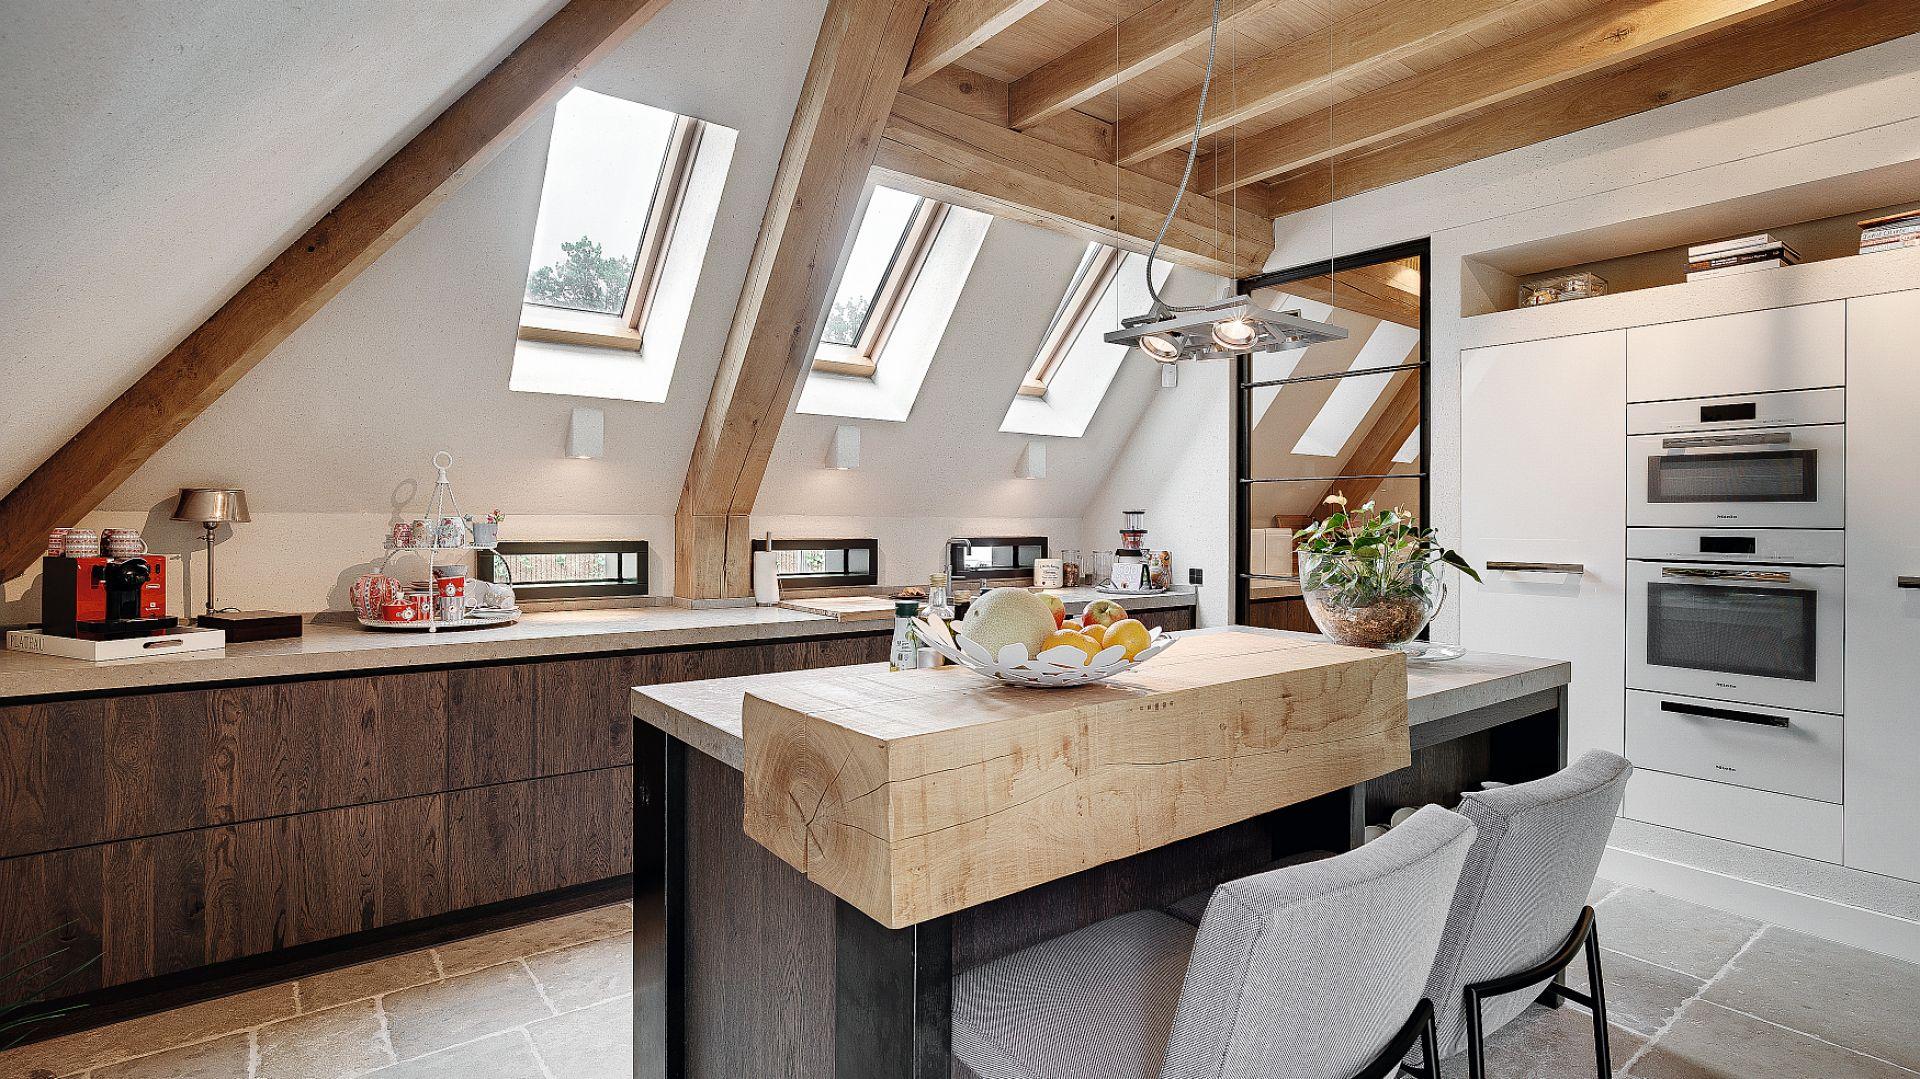 Na poddaszu korzystniejsza jest większa ilość mniejszych okien niż jedno większe. Fot. Fakro